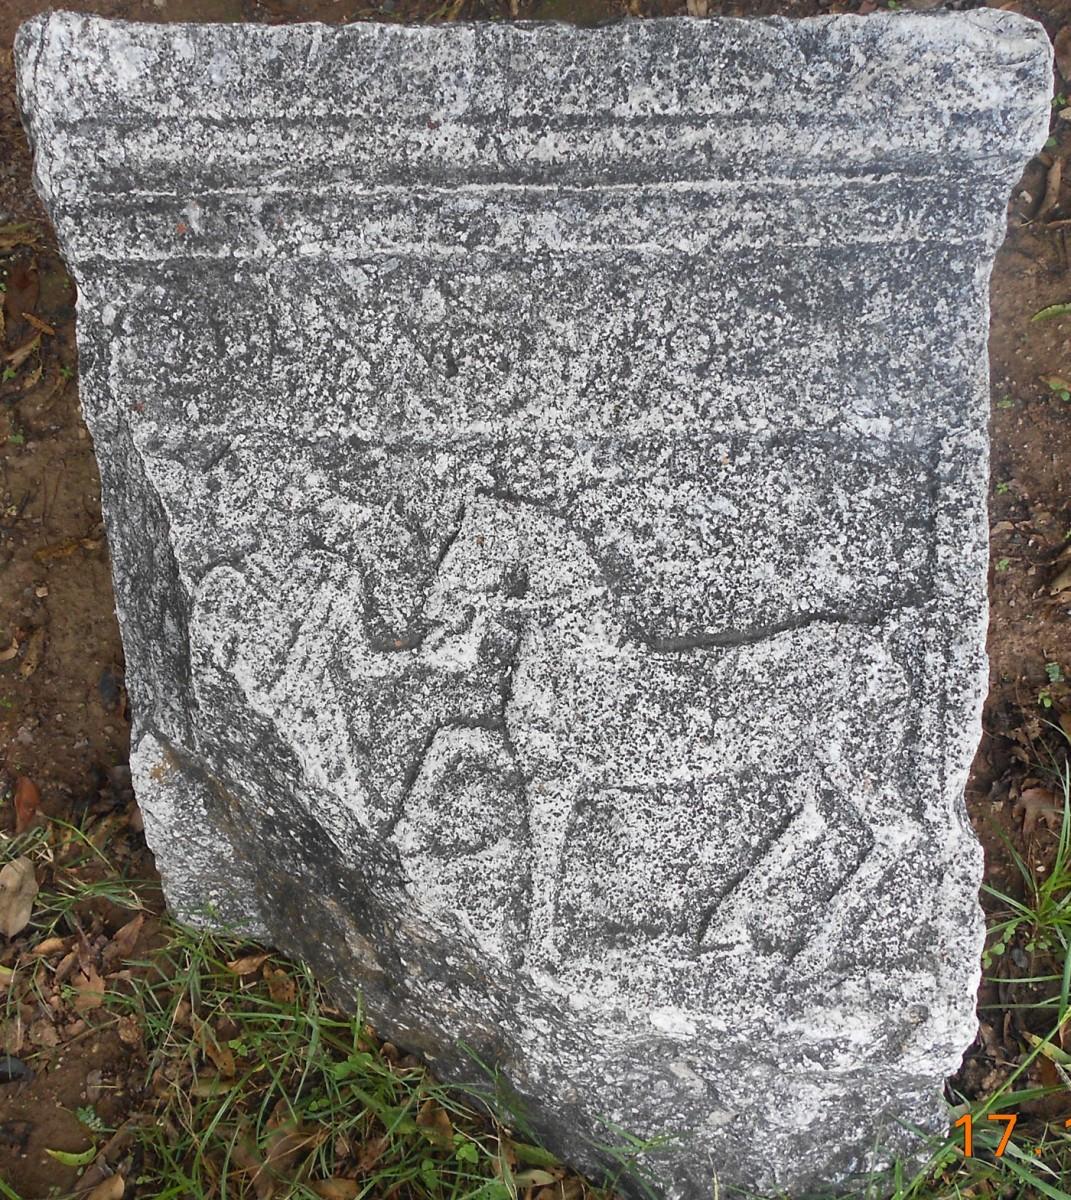 Εικ. 4. Μαρμάρινη στήλη με ανάγλυφη παράσταση νεαρού αλόγου σε ανήσυχη στάση που οδηγείται από στολισμένη γυναίκα, επιγραφή μη διακριτική (σε προαύλιο οικίας στους Κήπους Αλιάρτου).